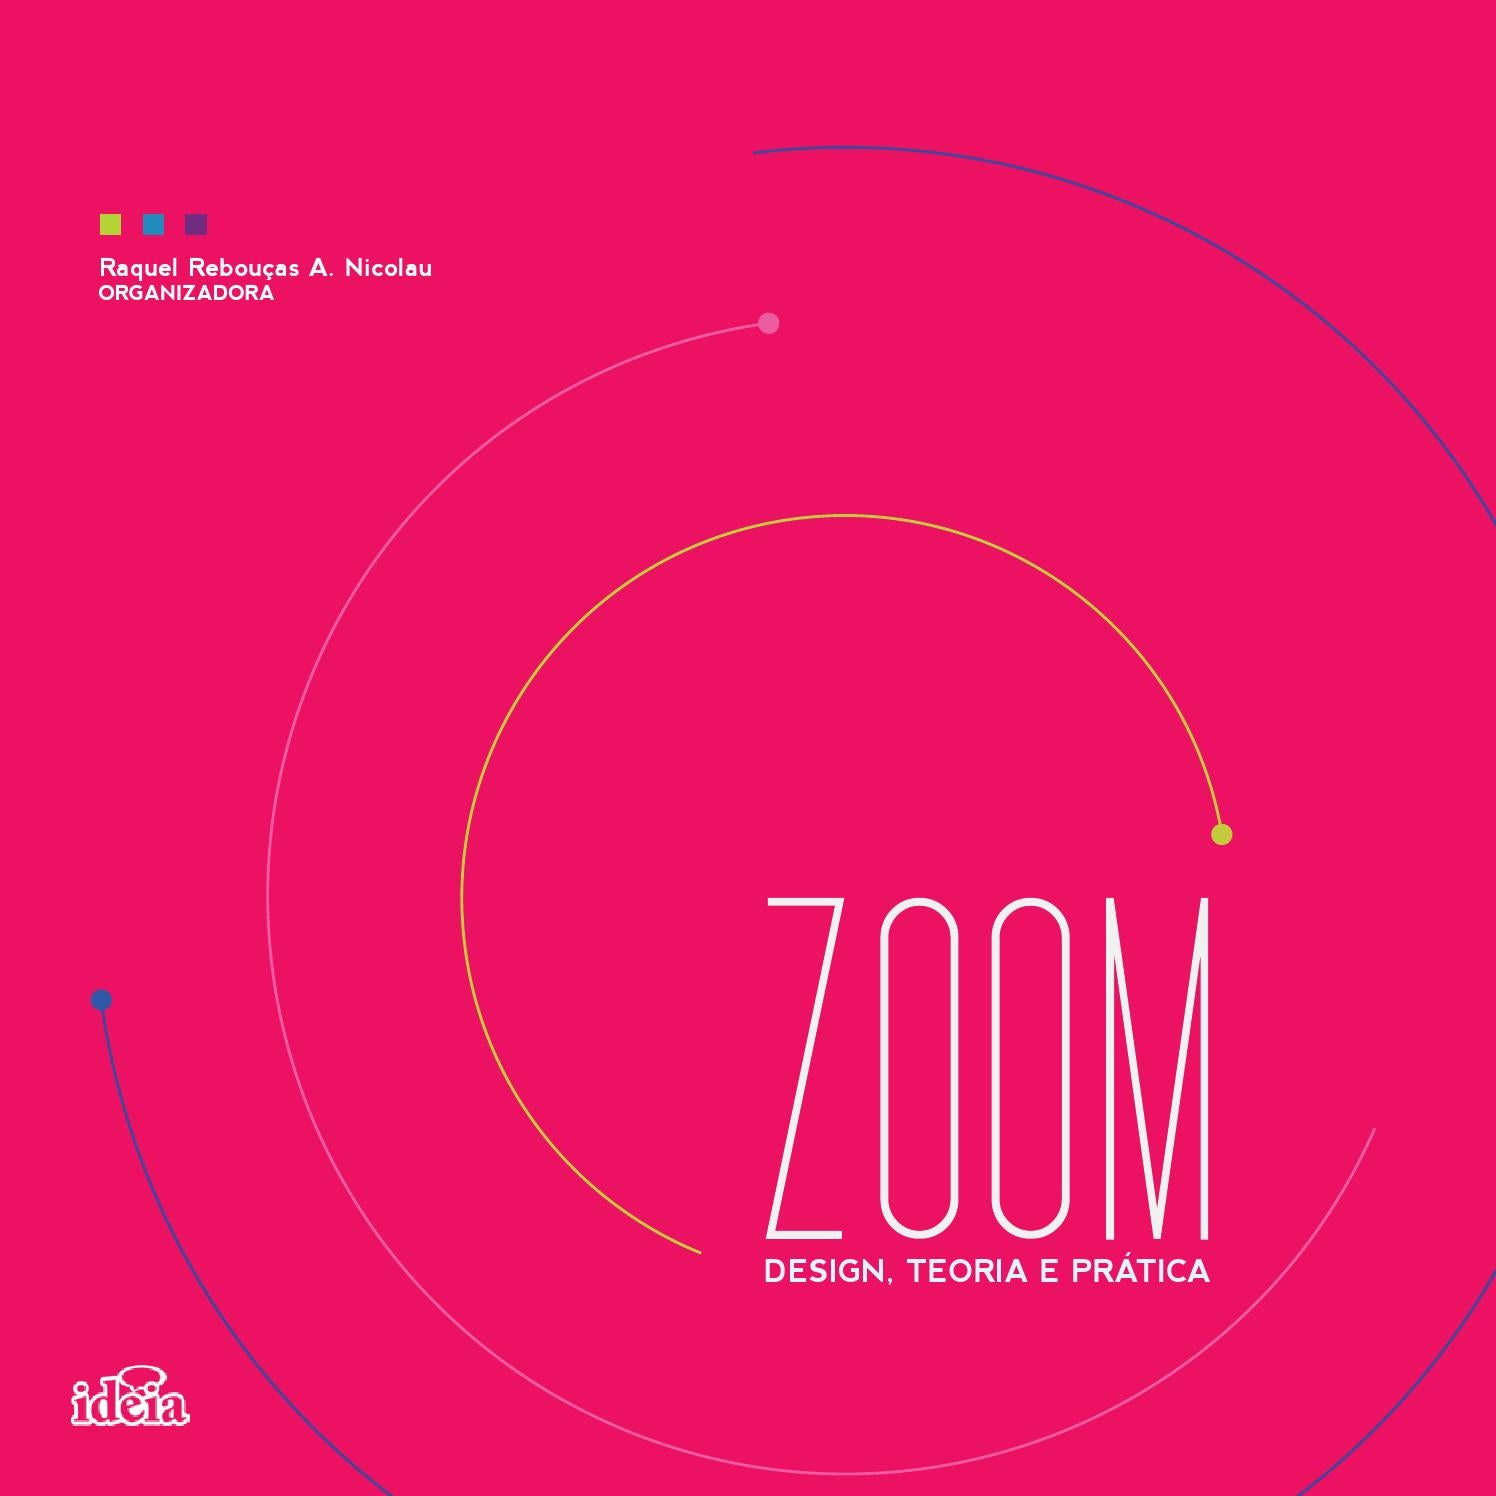 071eefef20 Zoom - Design